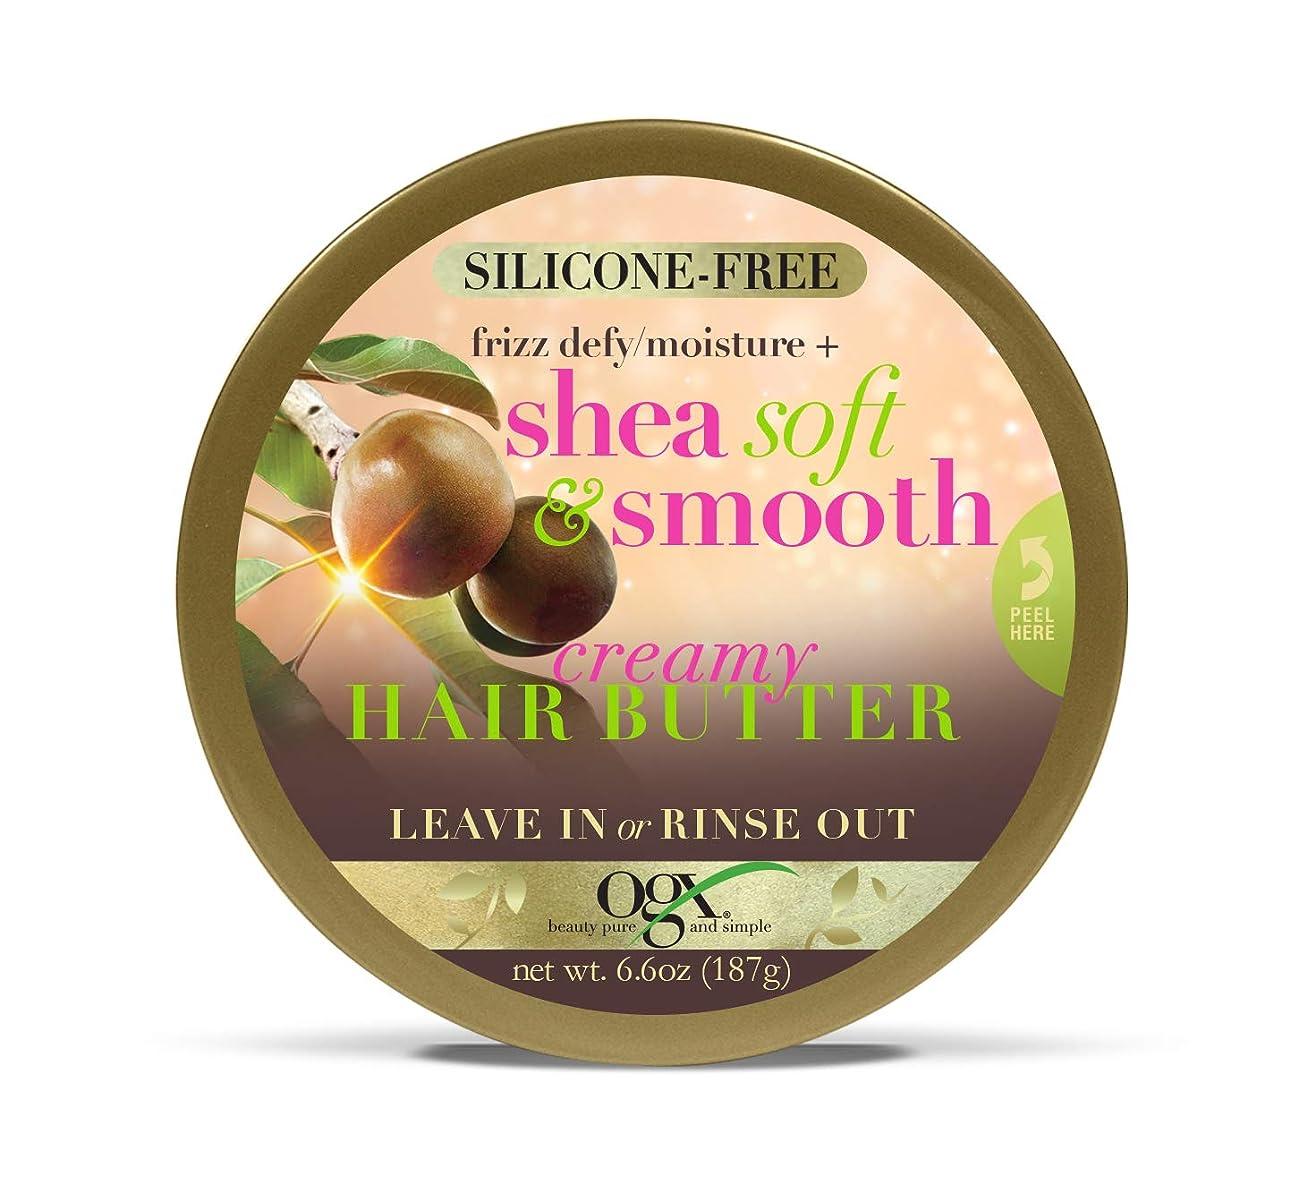 オゾン広がり代名詞OGX Frizz Defy Moisture Plusソフト&スムースクリーミーヘアバター、187 g